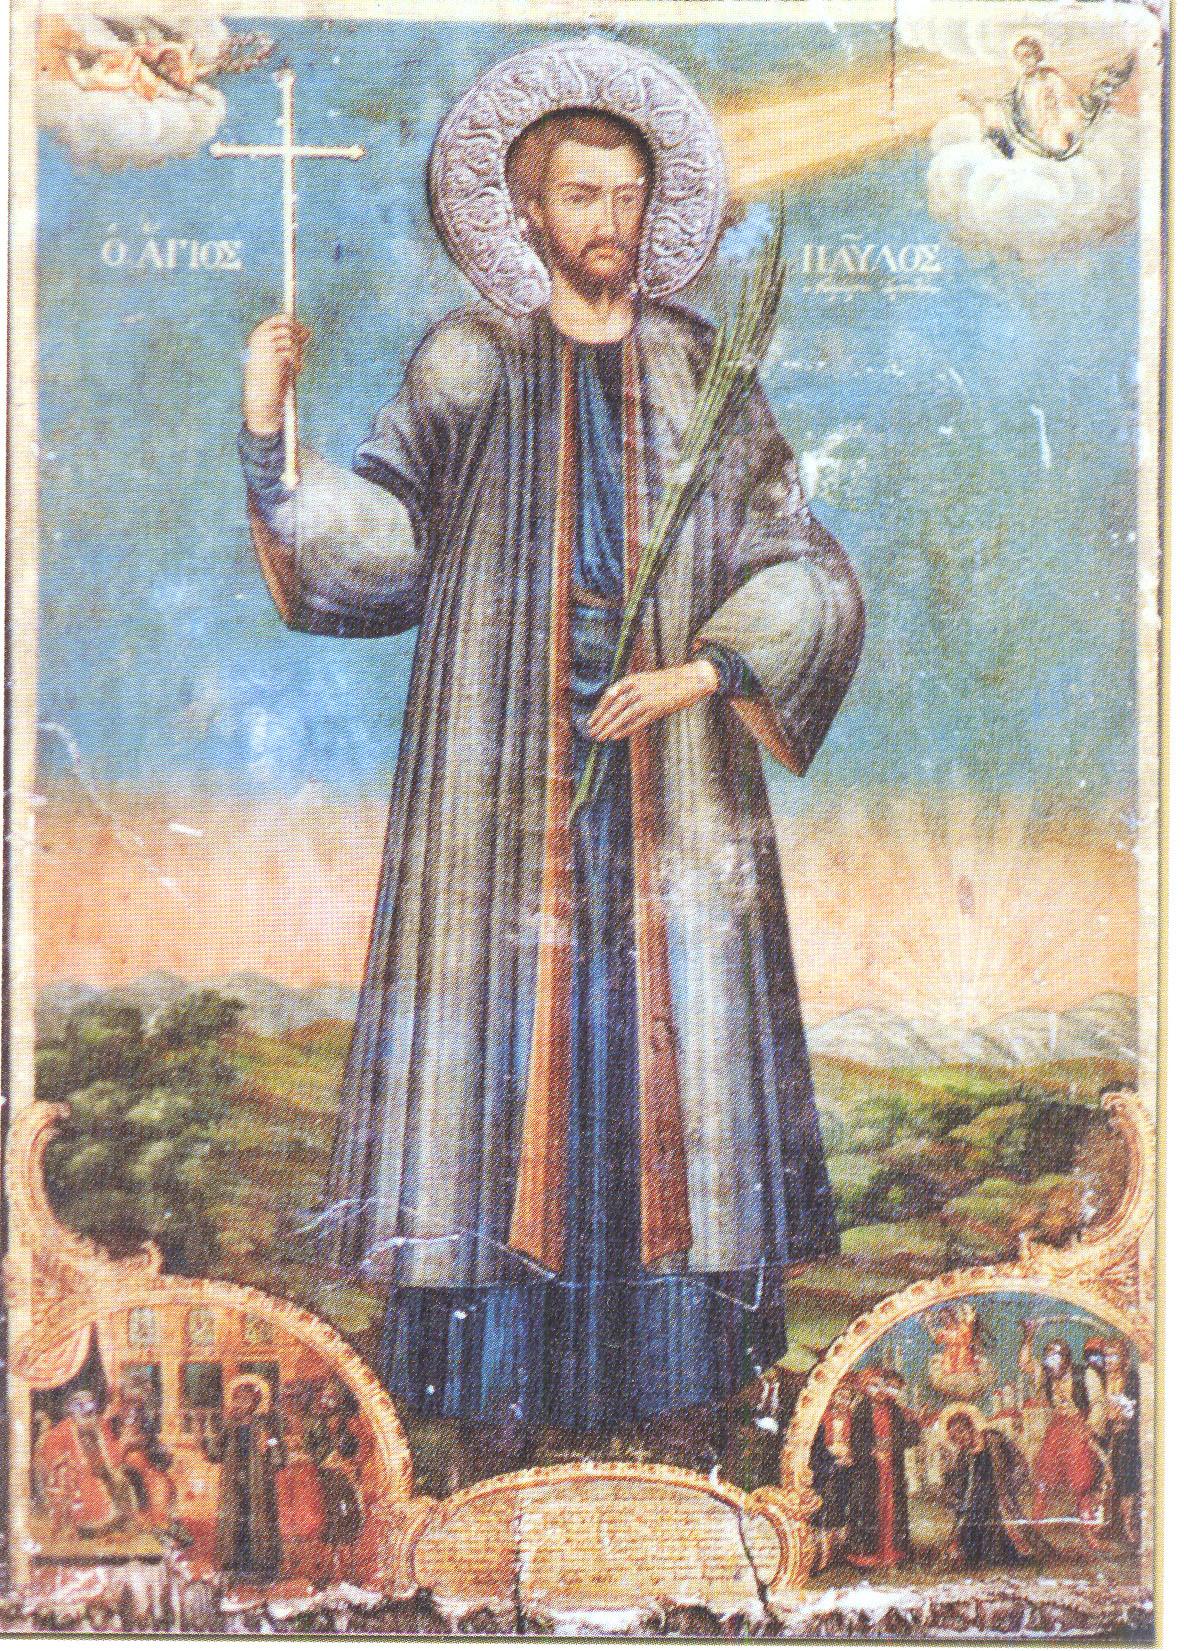 Αποτέλεσμα εικόνας για Άγιος Παύλος ο Πελοποννήσιος ο Οσιομάρτυρας